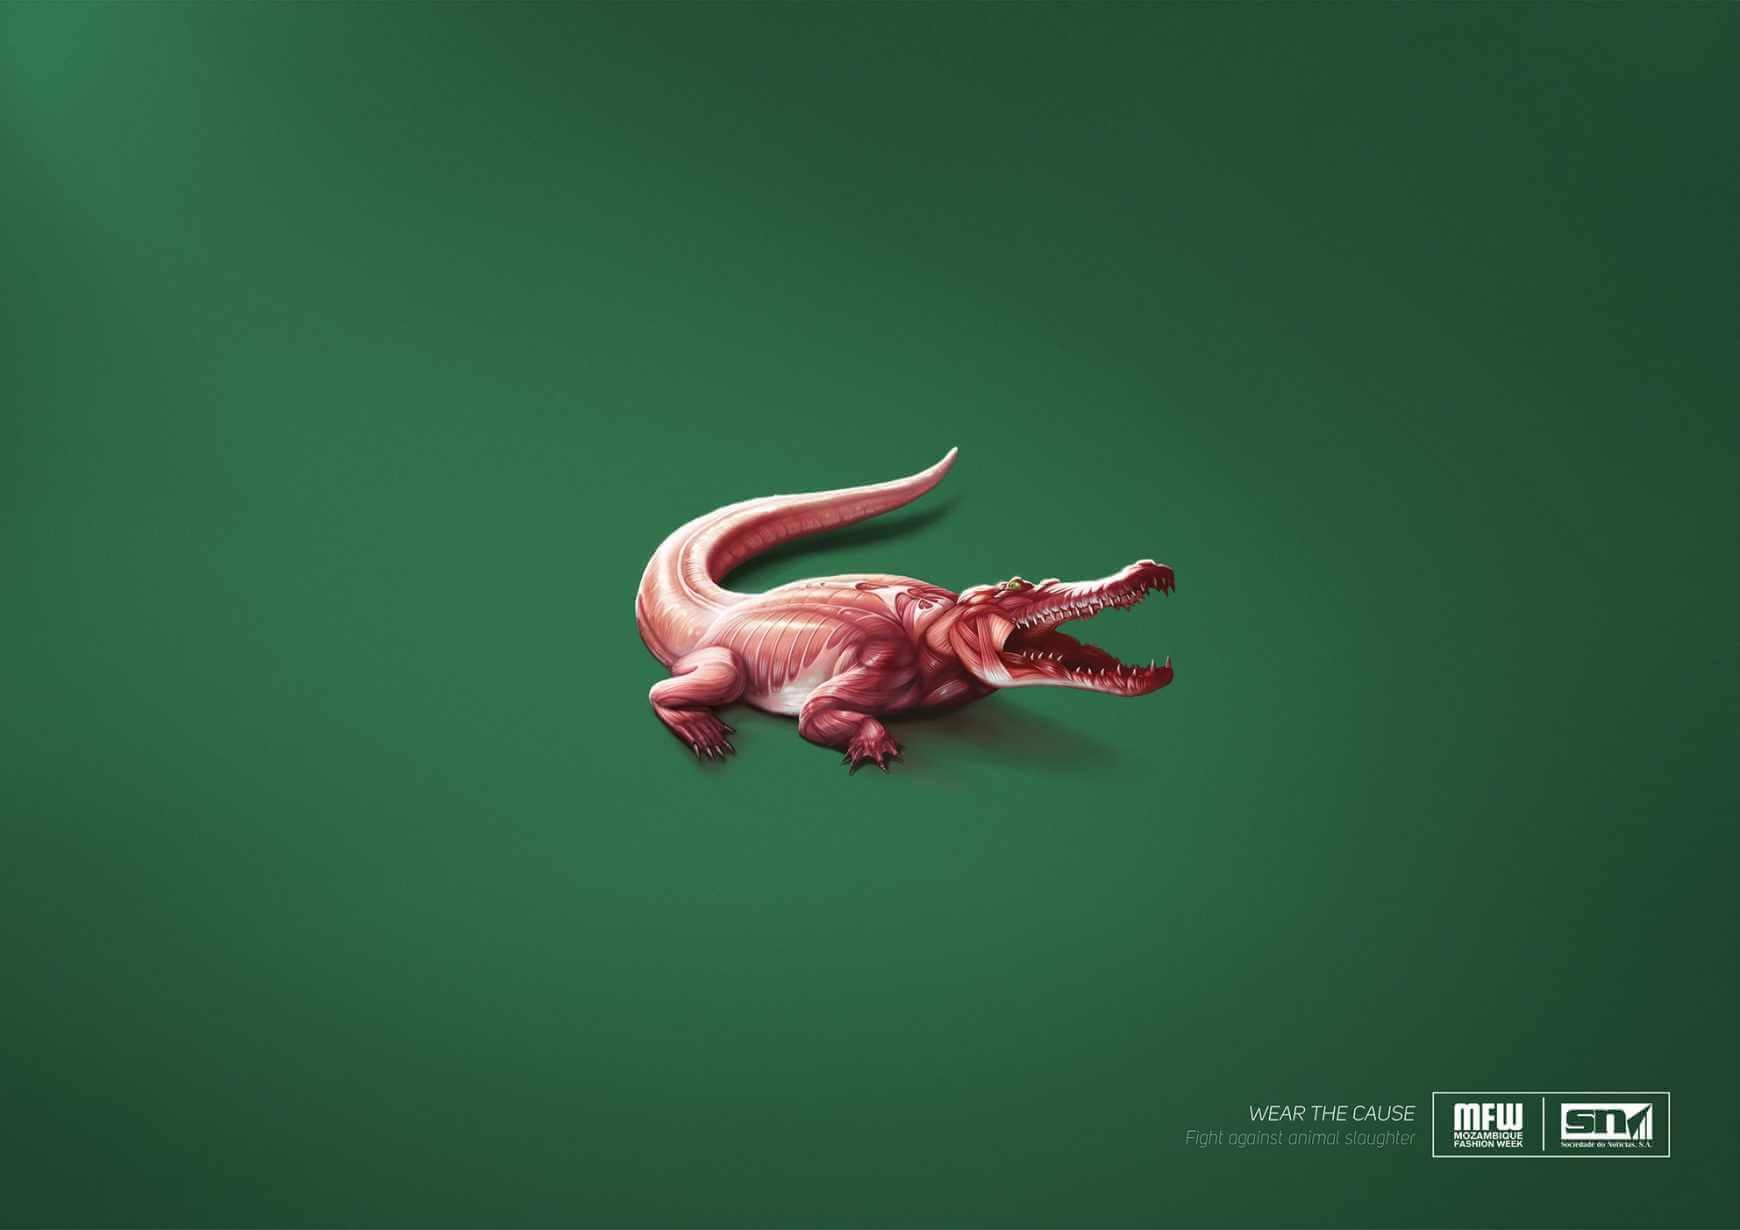 #CuandoLaPublicidad: Es pro-animal.